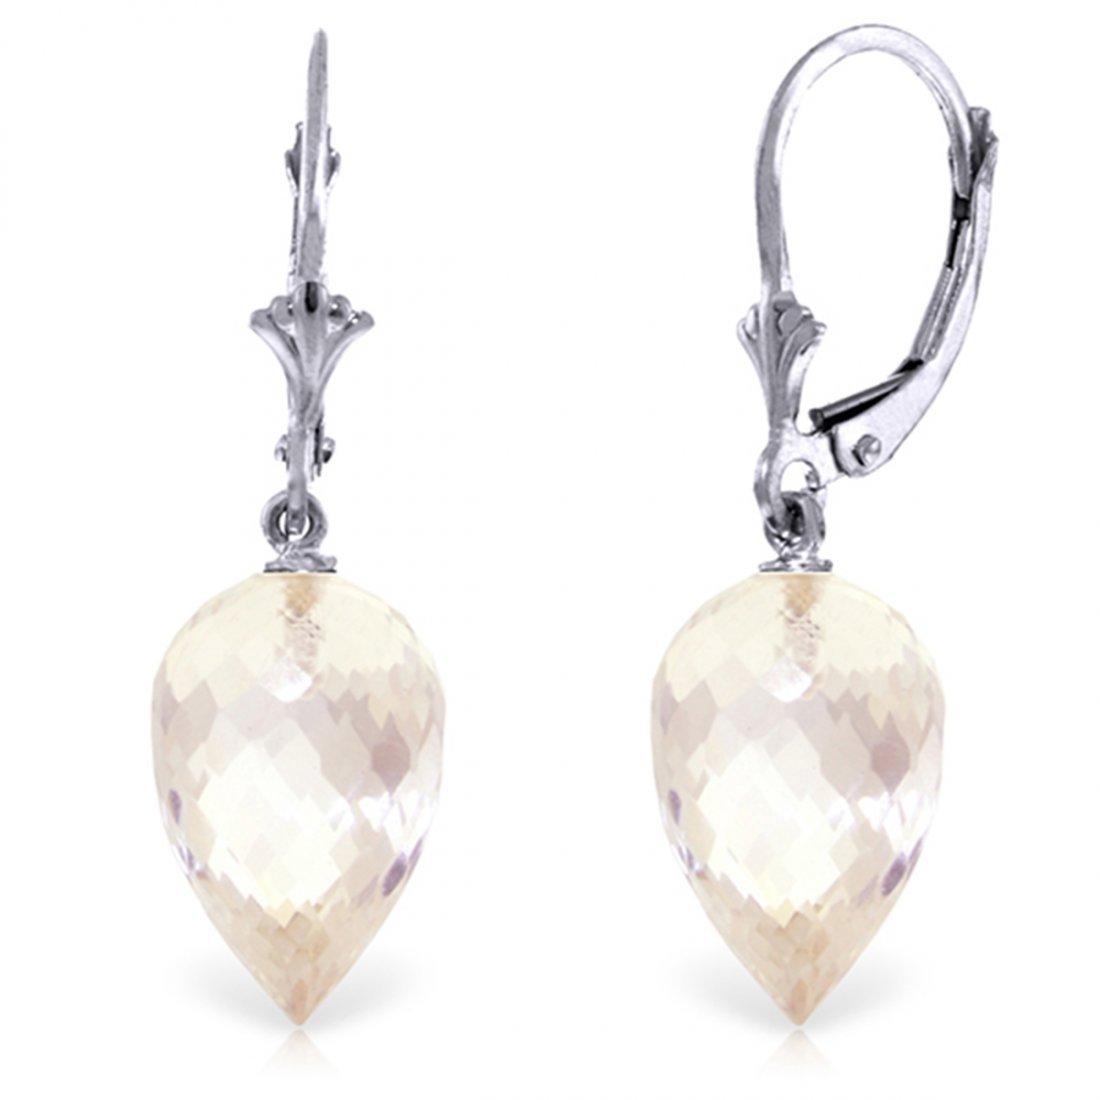 14k WG 24.50 White Topaz Briolette Earrings